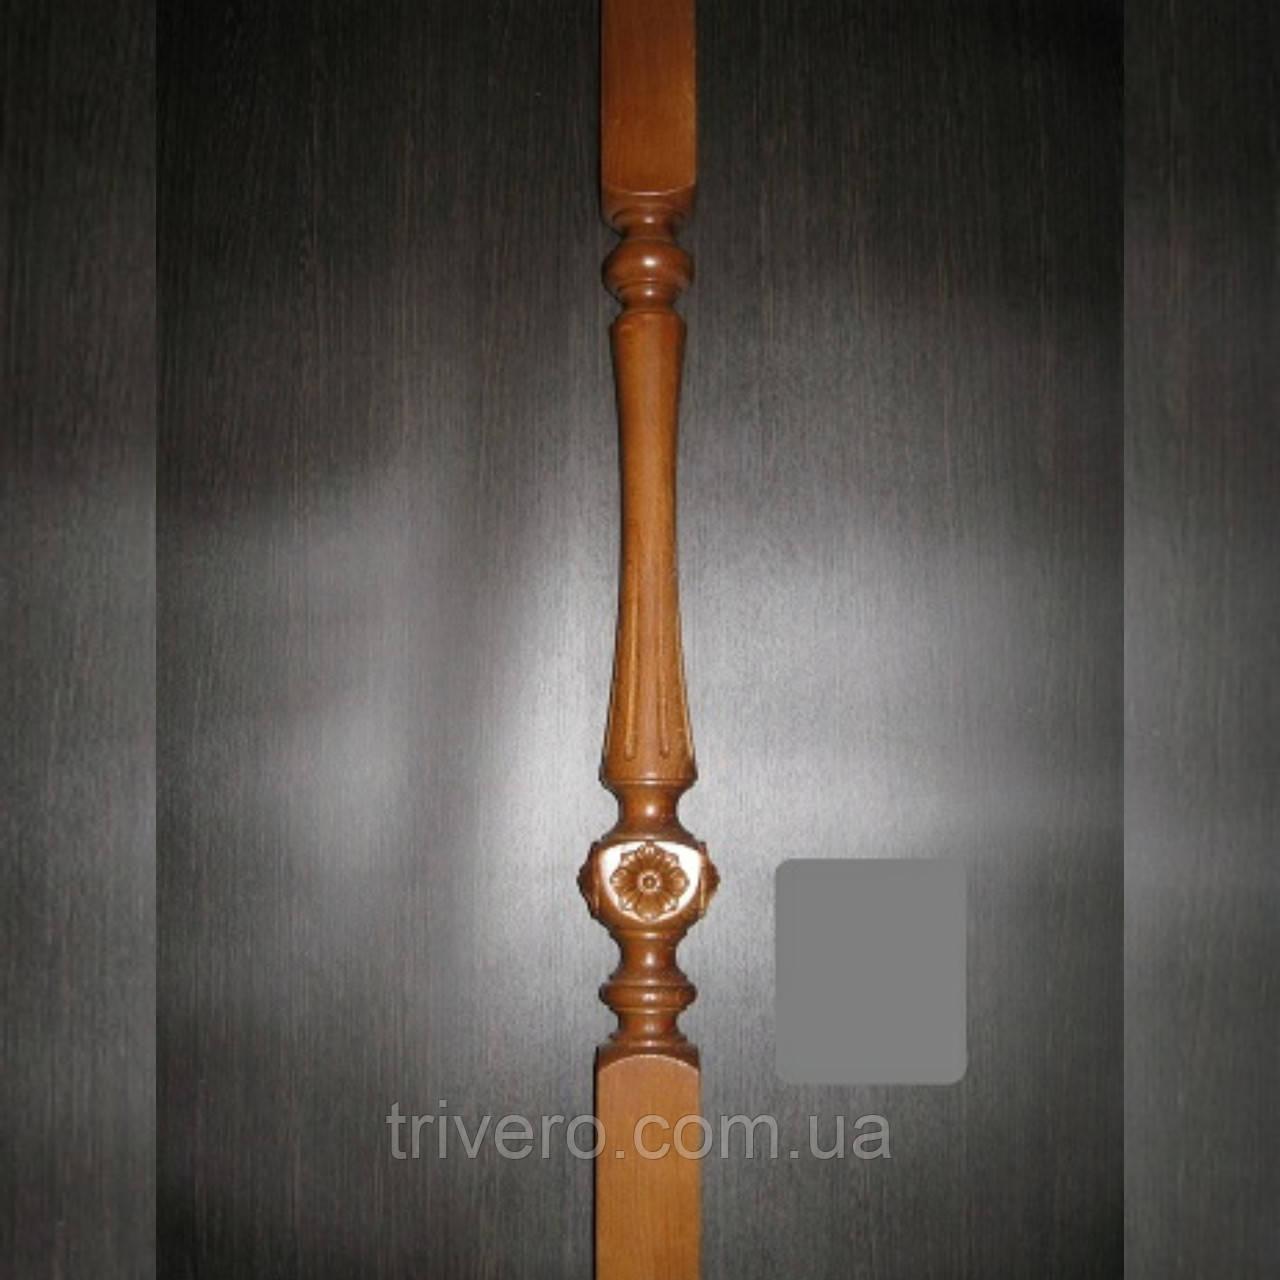 Балясина деревянна с резбой цветок L-05